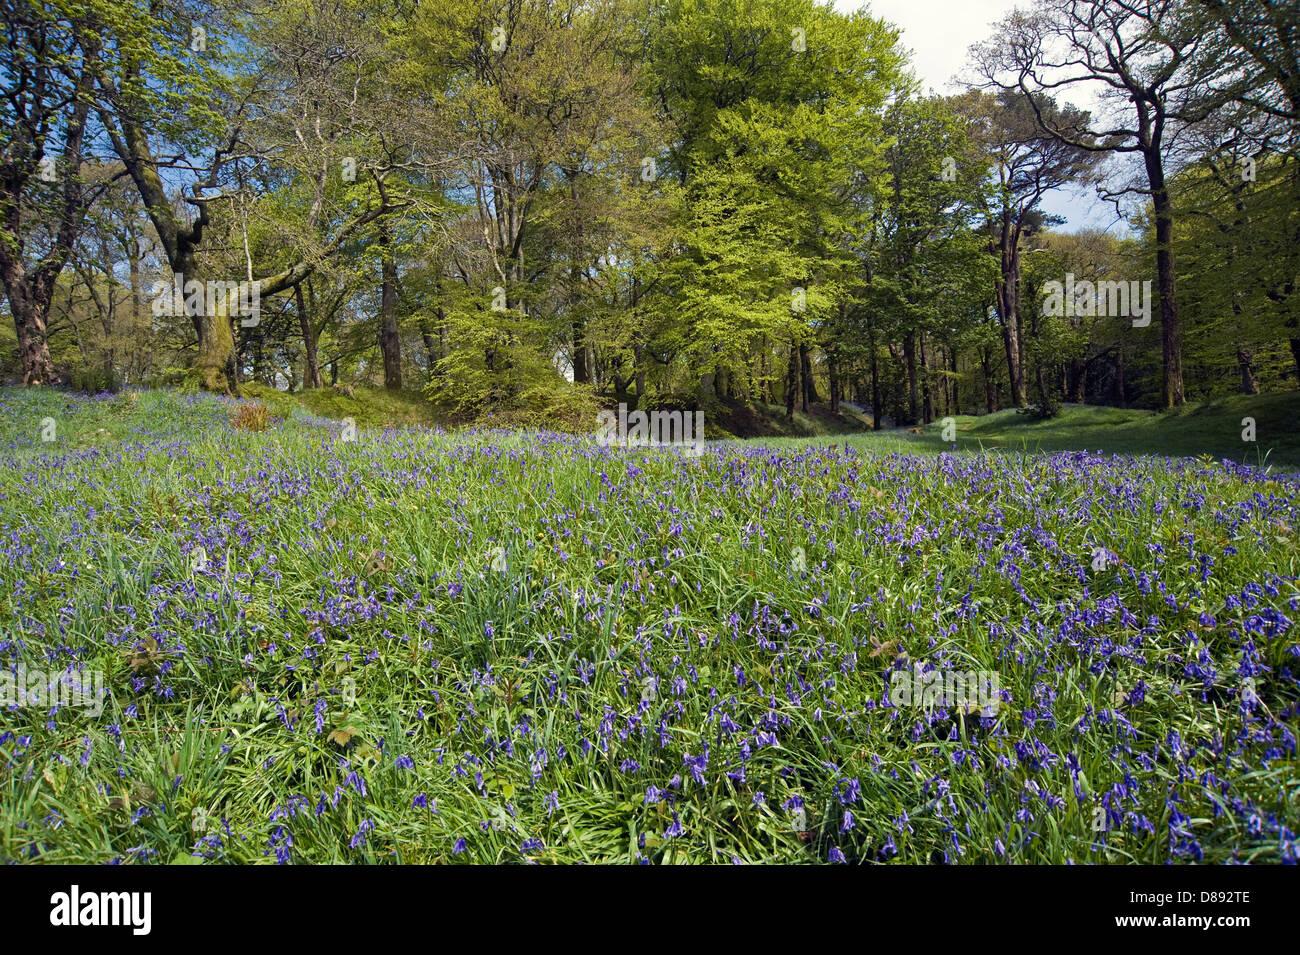 Las campánulas azules florecimiento Blackbury Camp, una edad de hierro Devon fort, con bosques de hayas y robles Imagen De Stock